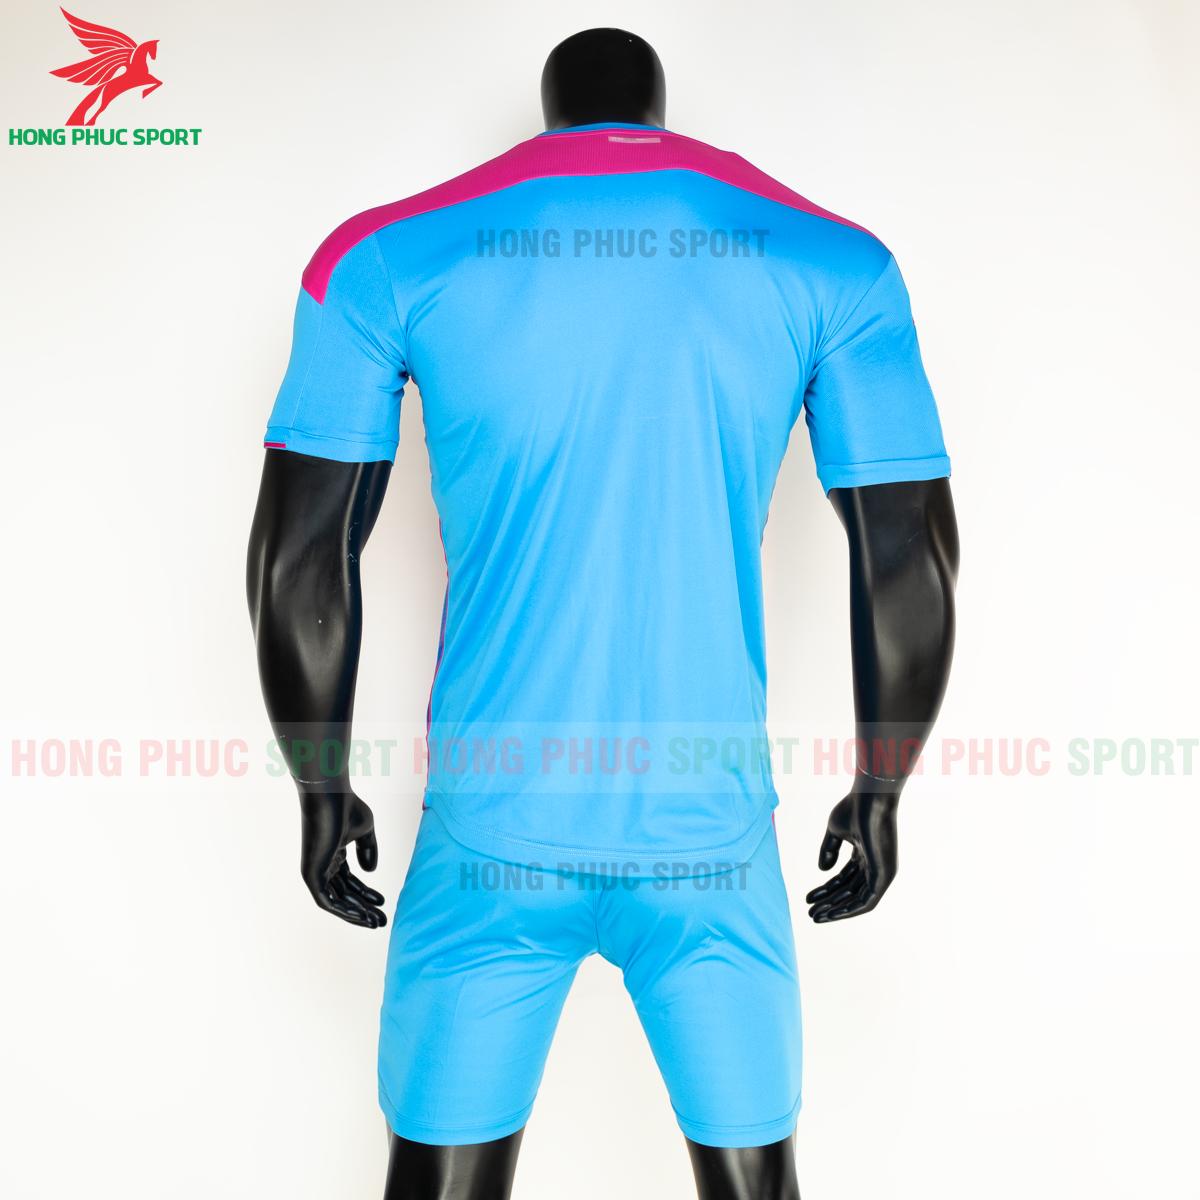 Áo đá banh không logo Bulbal Lotus 2021 màu Xanh (Sau)